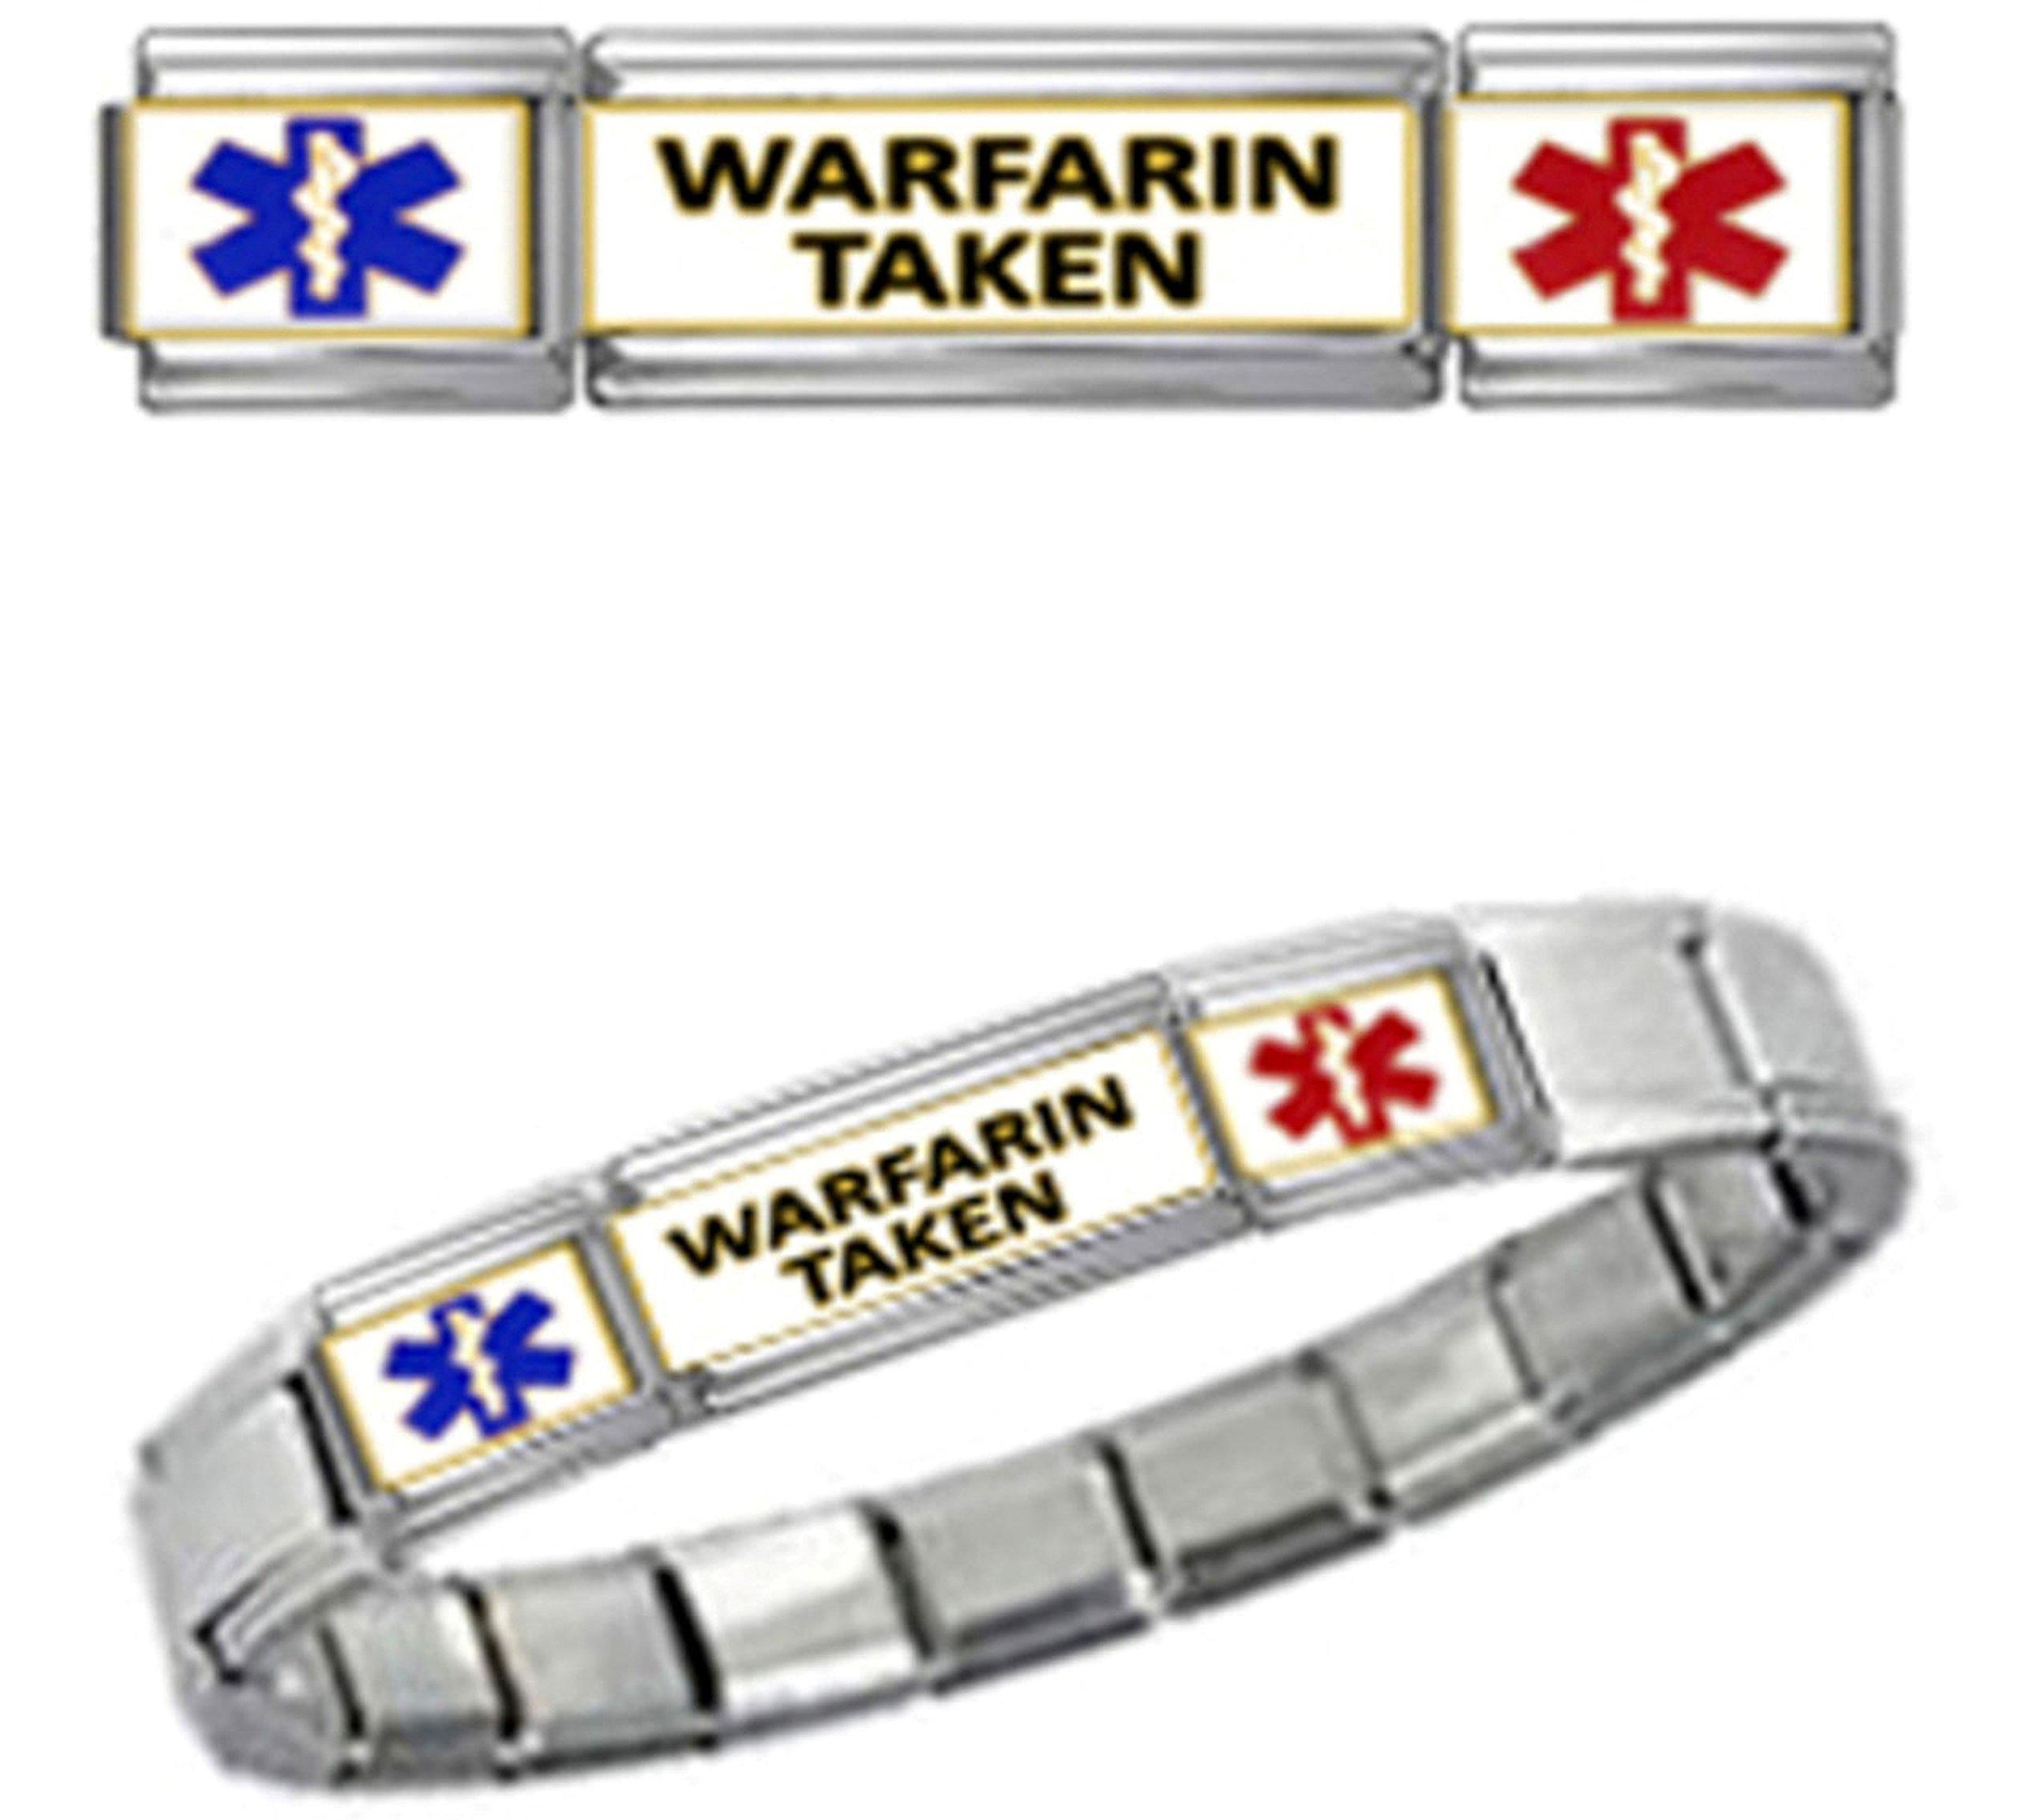 WARFARIN TAKEN MEDICAL ALERT ID 9mm + Italian Charm SILVER TONE MATTE BRUSHED Starter Bracelet